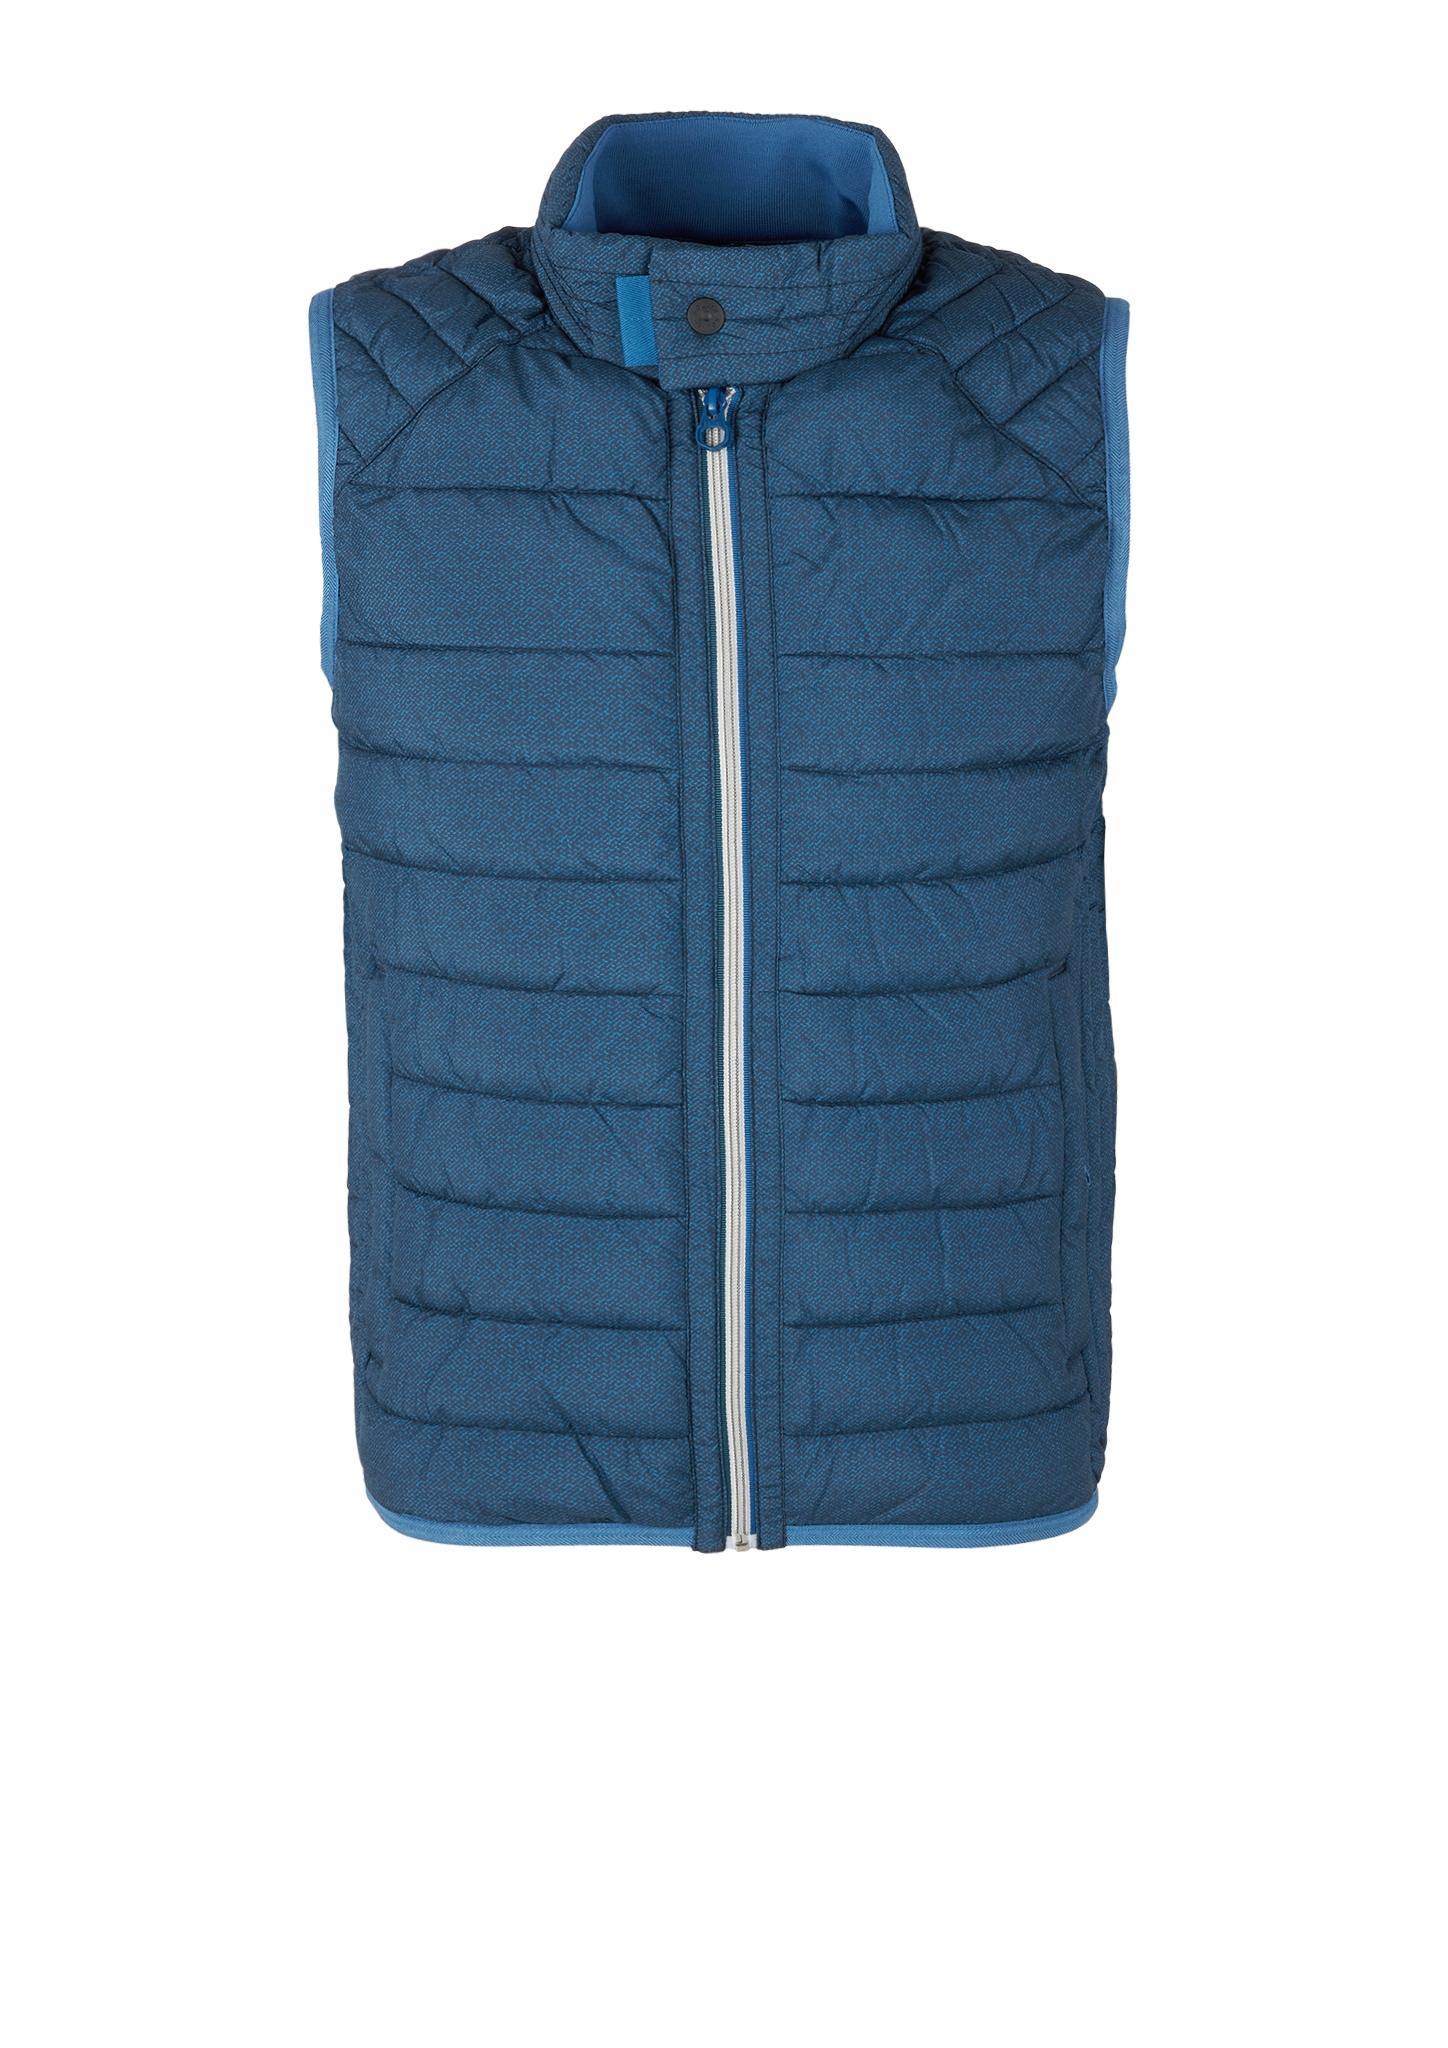 Outdoor-Weste | Sportbekleidung > Sportwesten > Outdoorwesten | Blau | Oberstoff: 100% polyester| futter: 100% polyamid| füllung: 100% polyester | s.Oliver